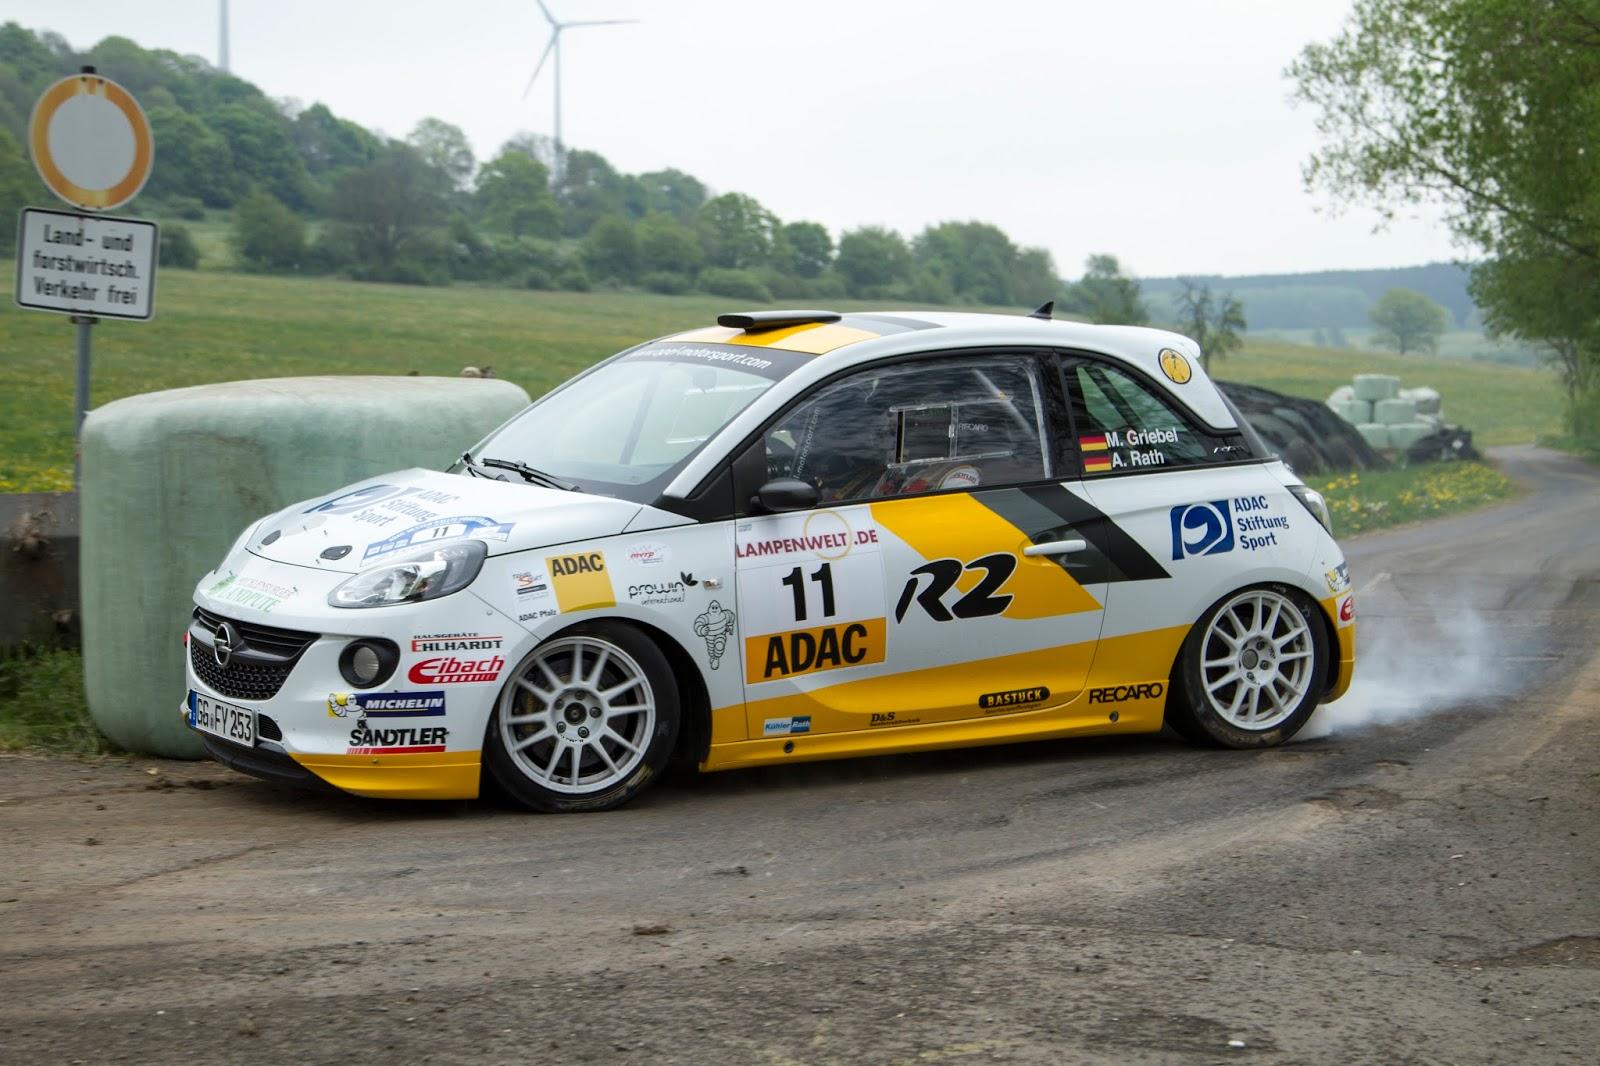 ADAM R2 292304 Το Opel ADAM Θα υπερασπιστεί τον τίτλο του πρωταθλήματος ERC Junior ERC Junior FIA, FIA, Opel ADAM, Opel ADAM R2, Rally, videos